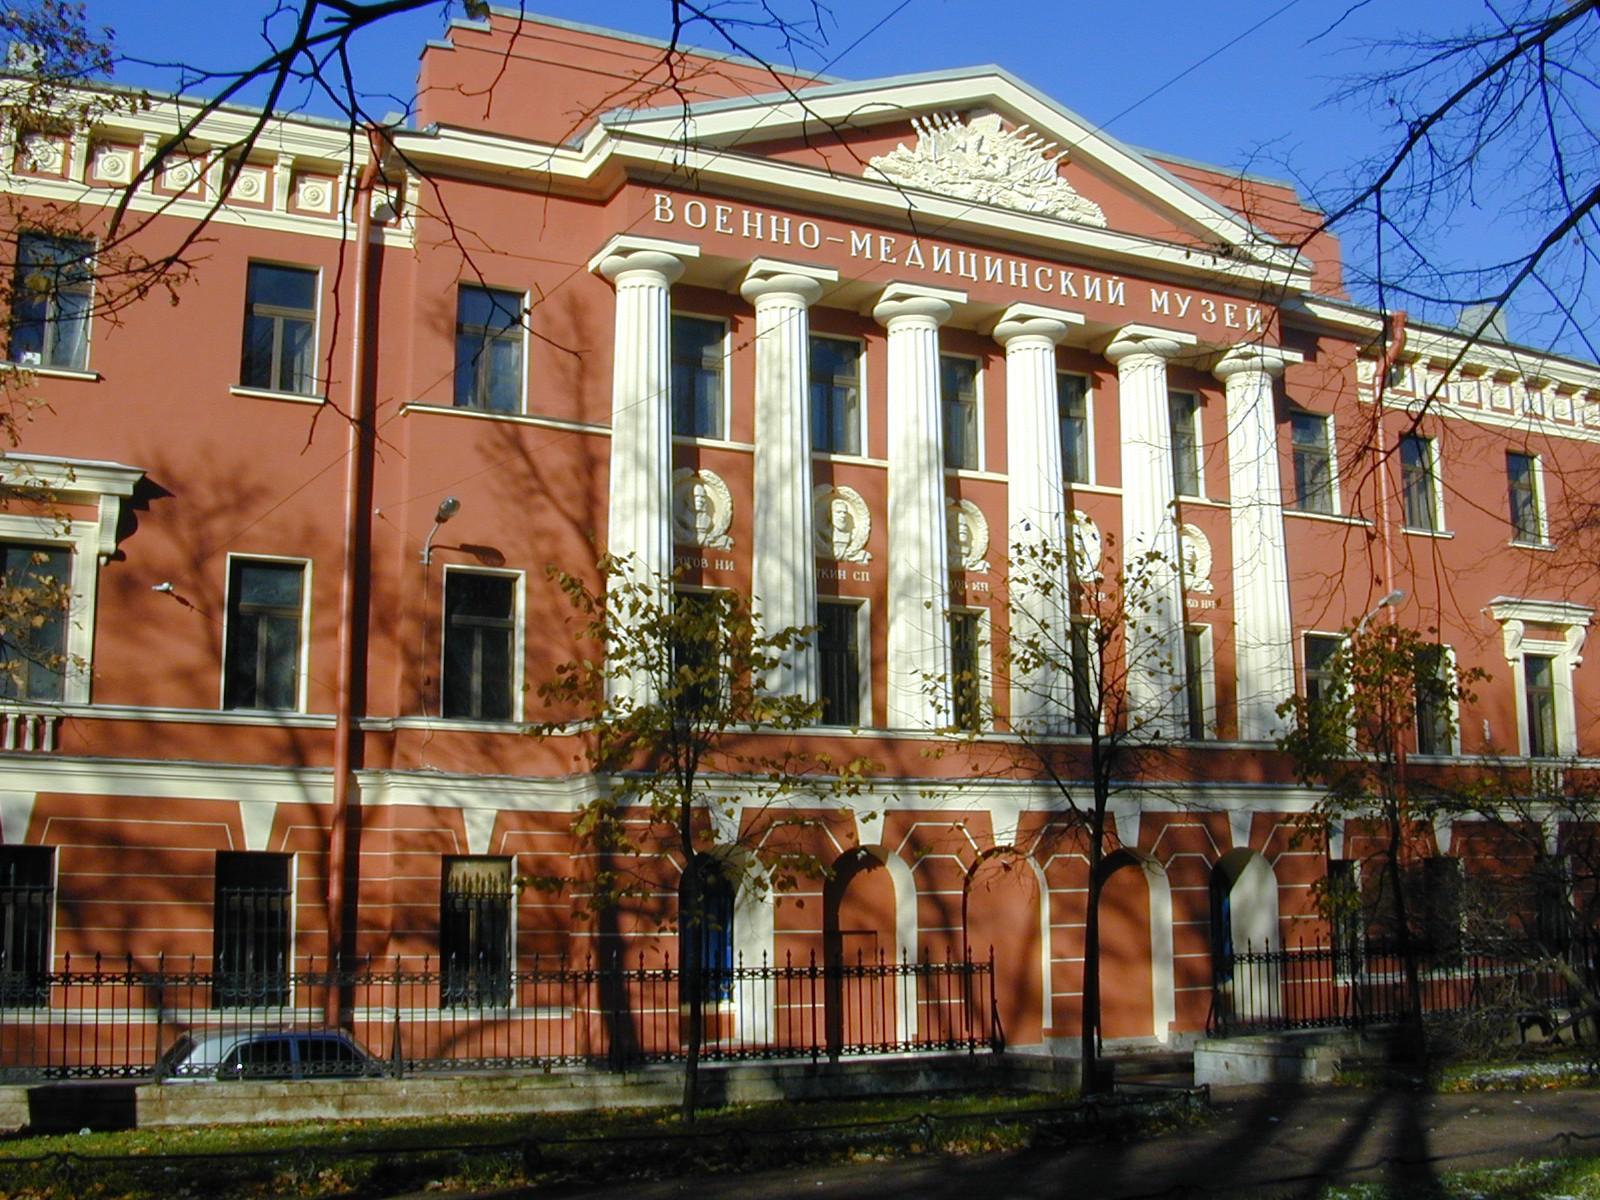 File:Mil Med Museum StPetersburg Russia jpg - Wikipedia